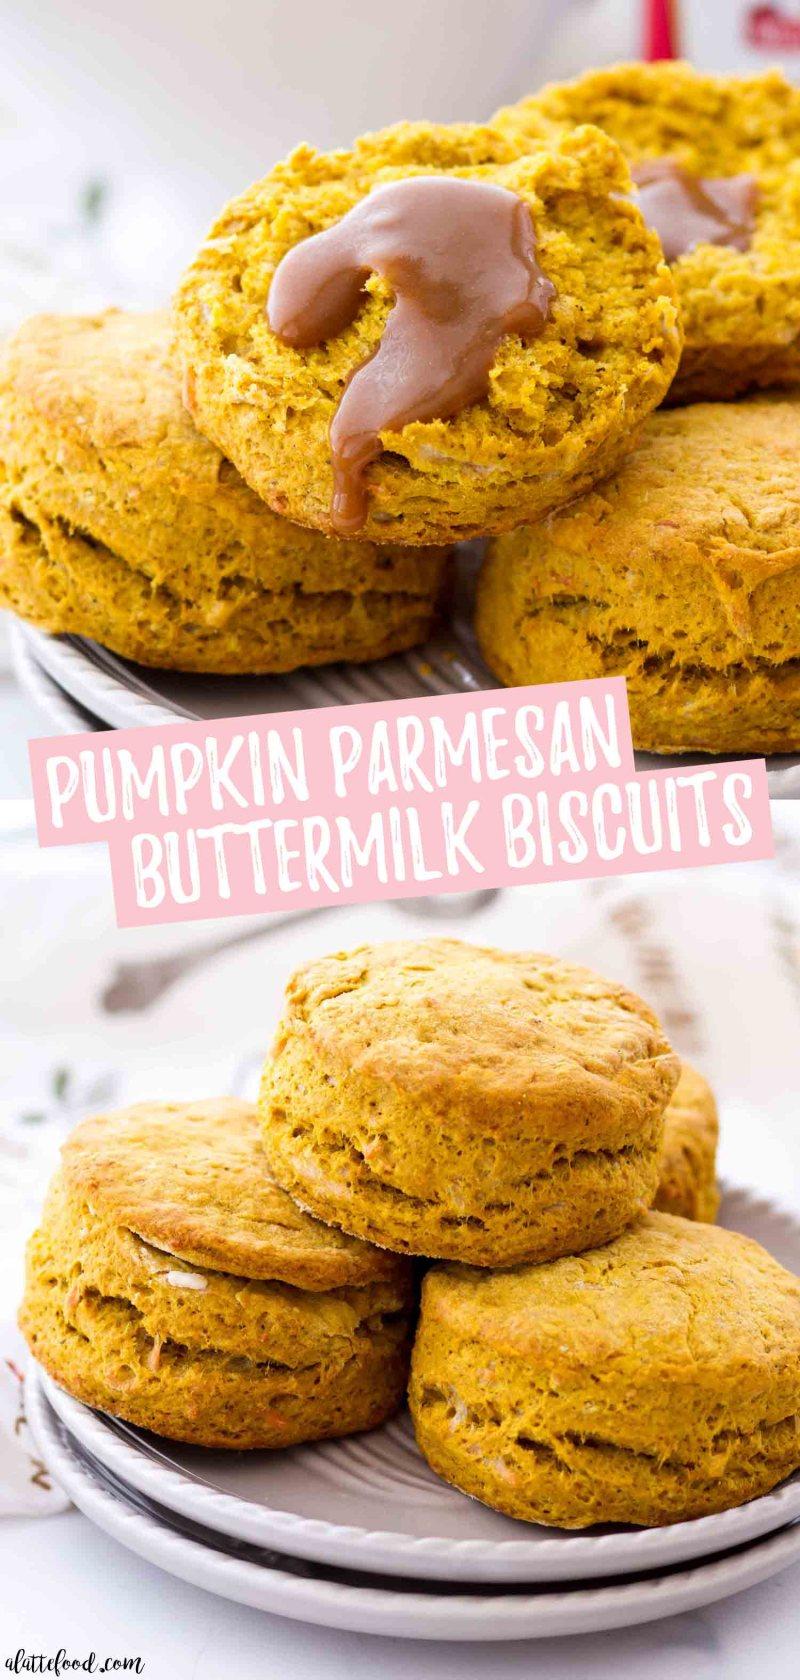 Pumpkin Parmesan Buttermilk Biscuits with gravy collage